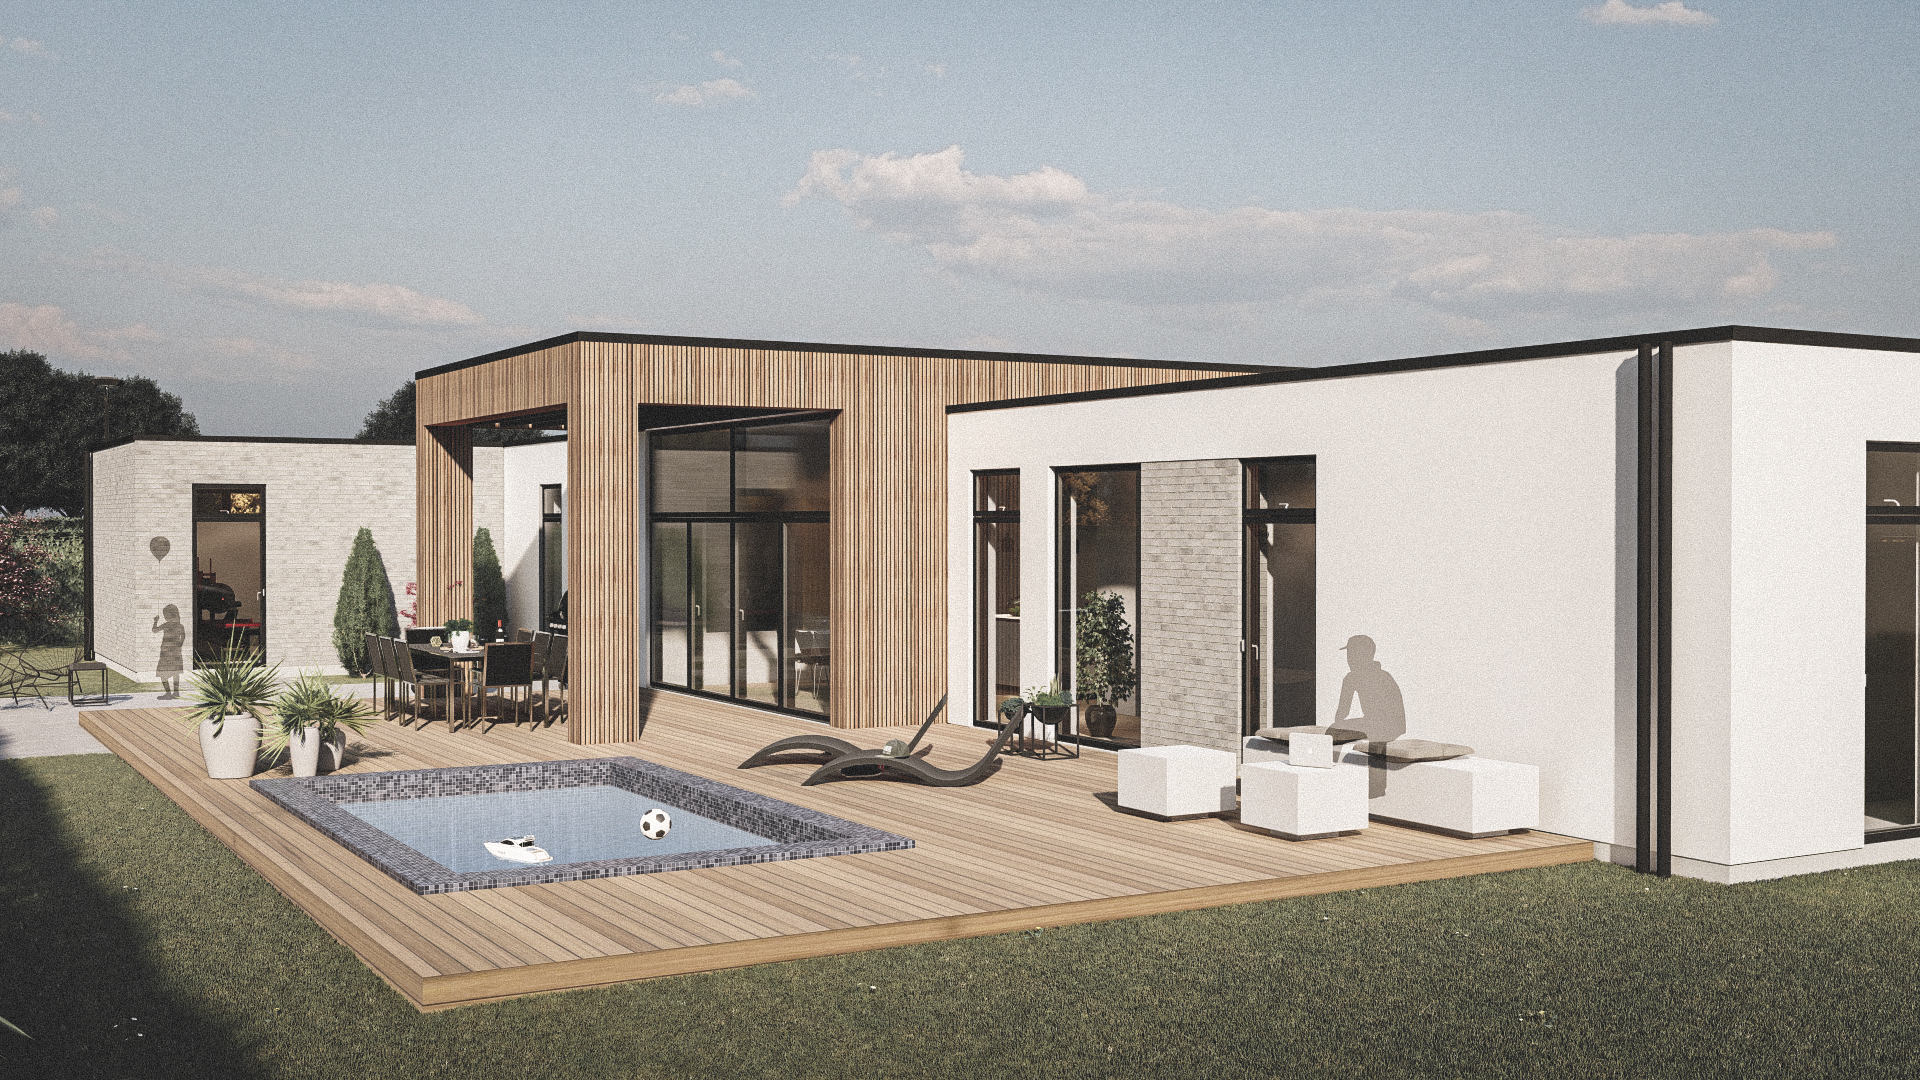 Billede af et arkitekt tegnet projektforslag af ny drømme villa i Esbjerg, af det danske arkitektfirma m2plus